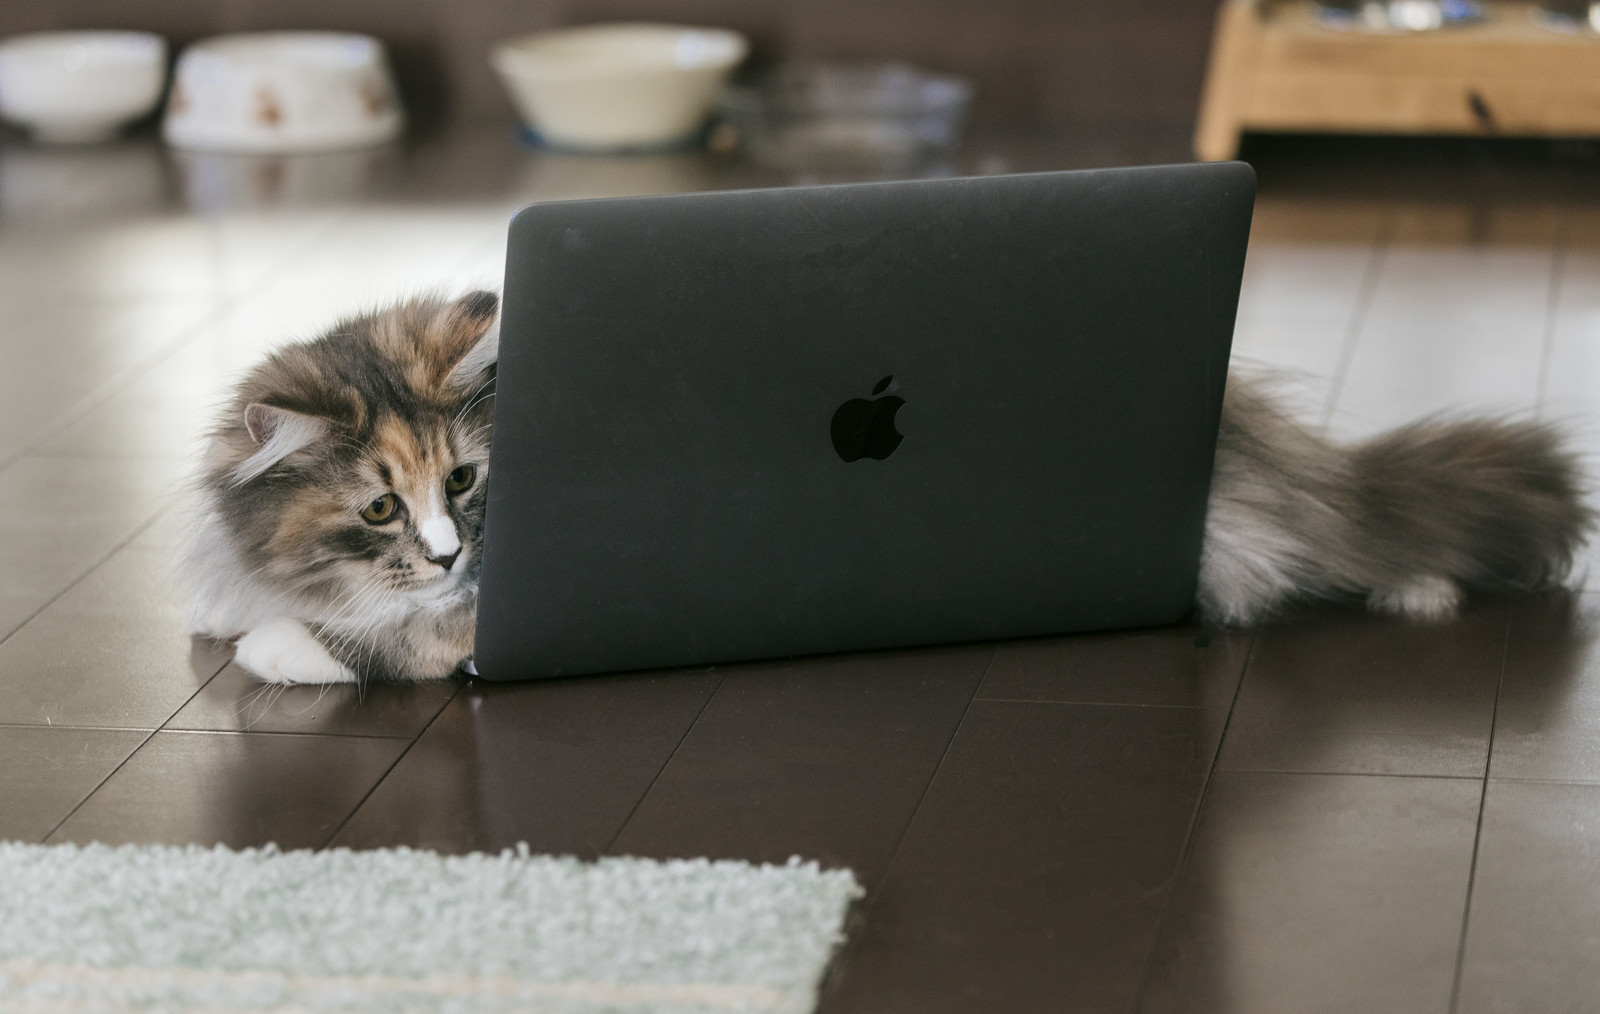 「MacBookの上に横たわる猫」の写真